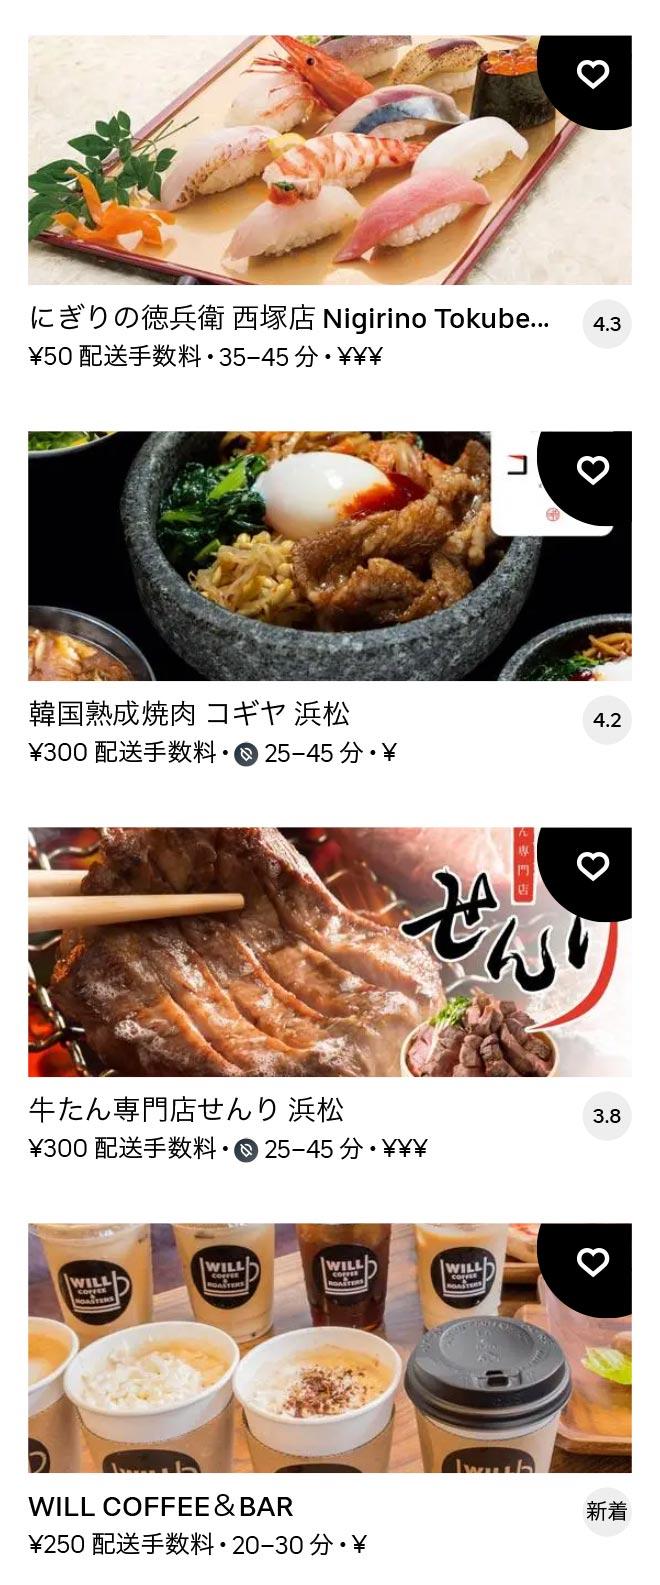 Hikuma menu 2011 10